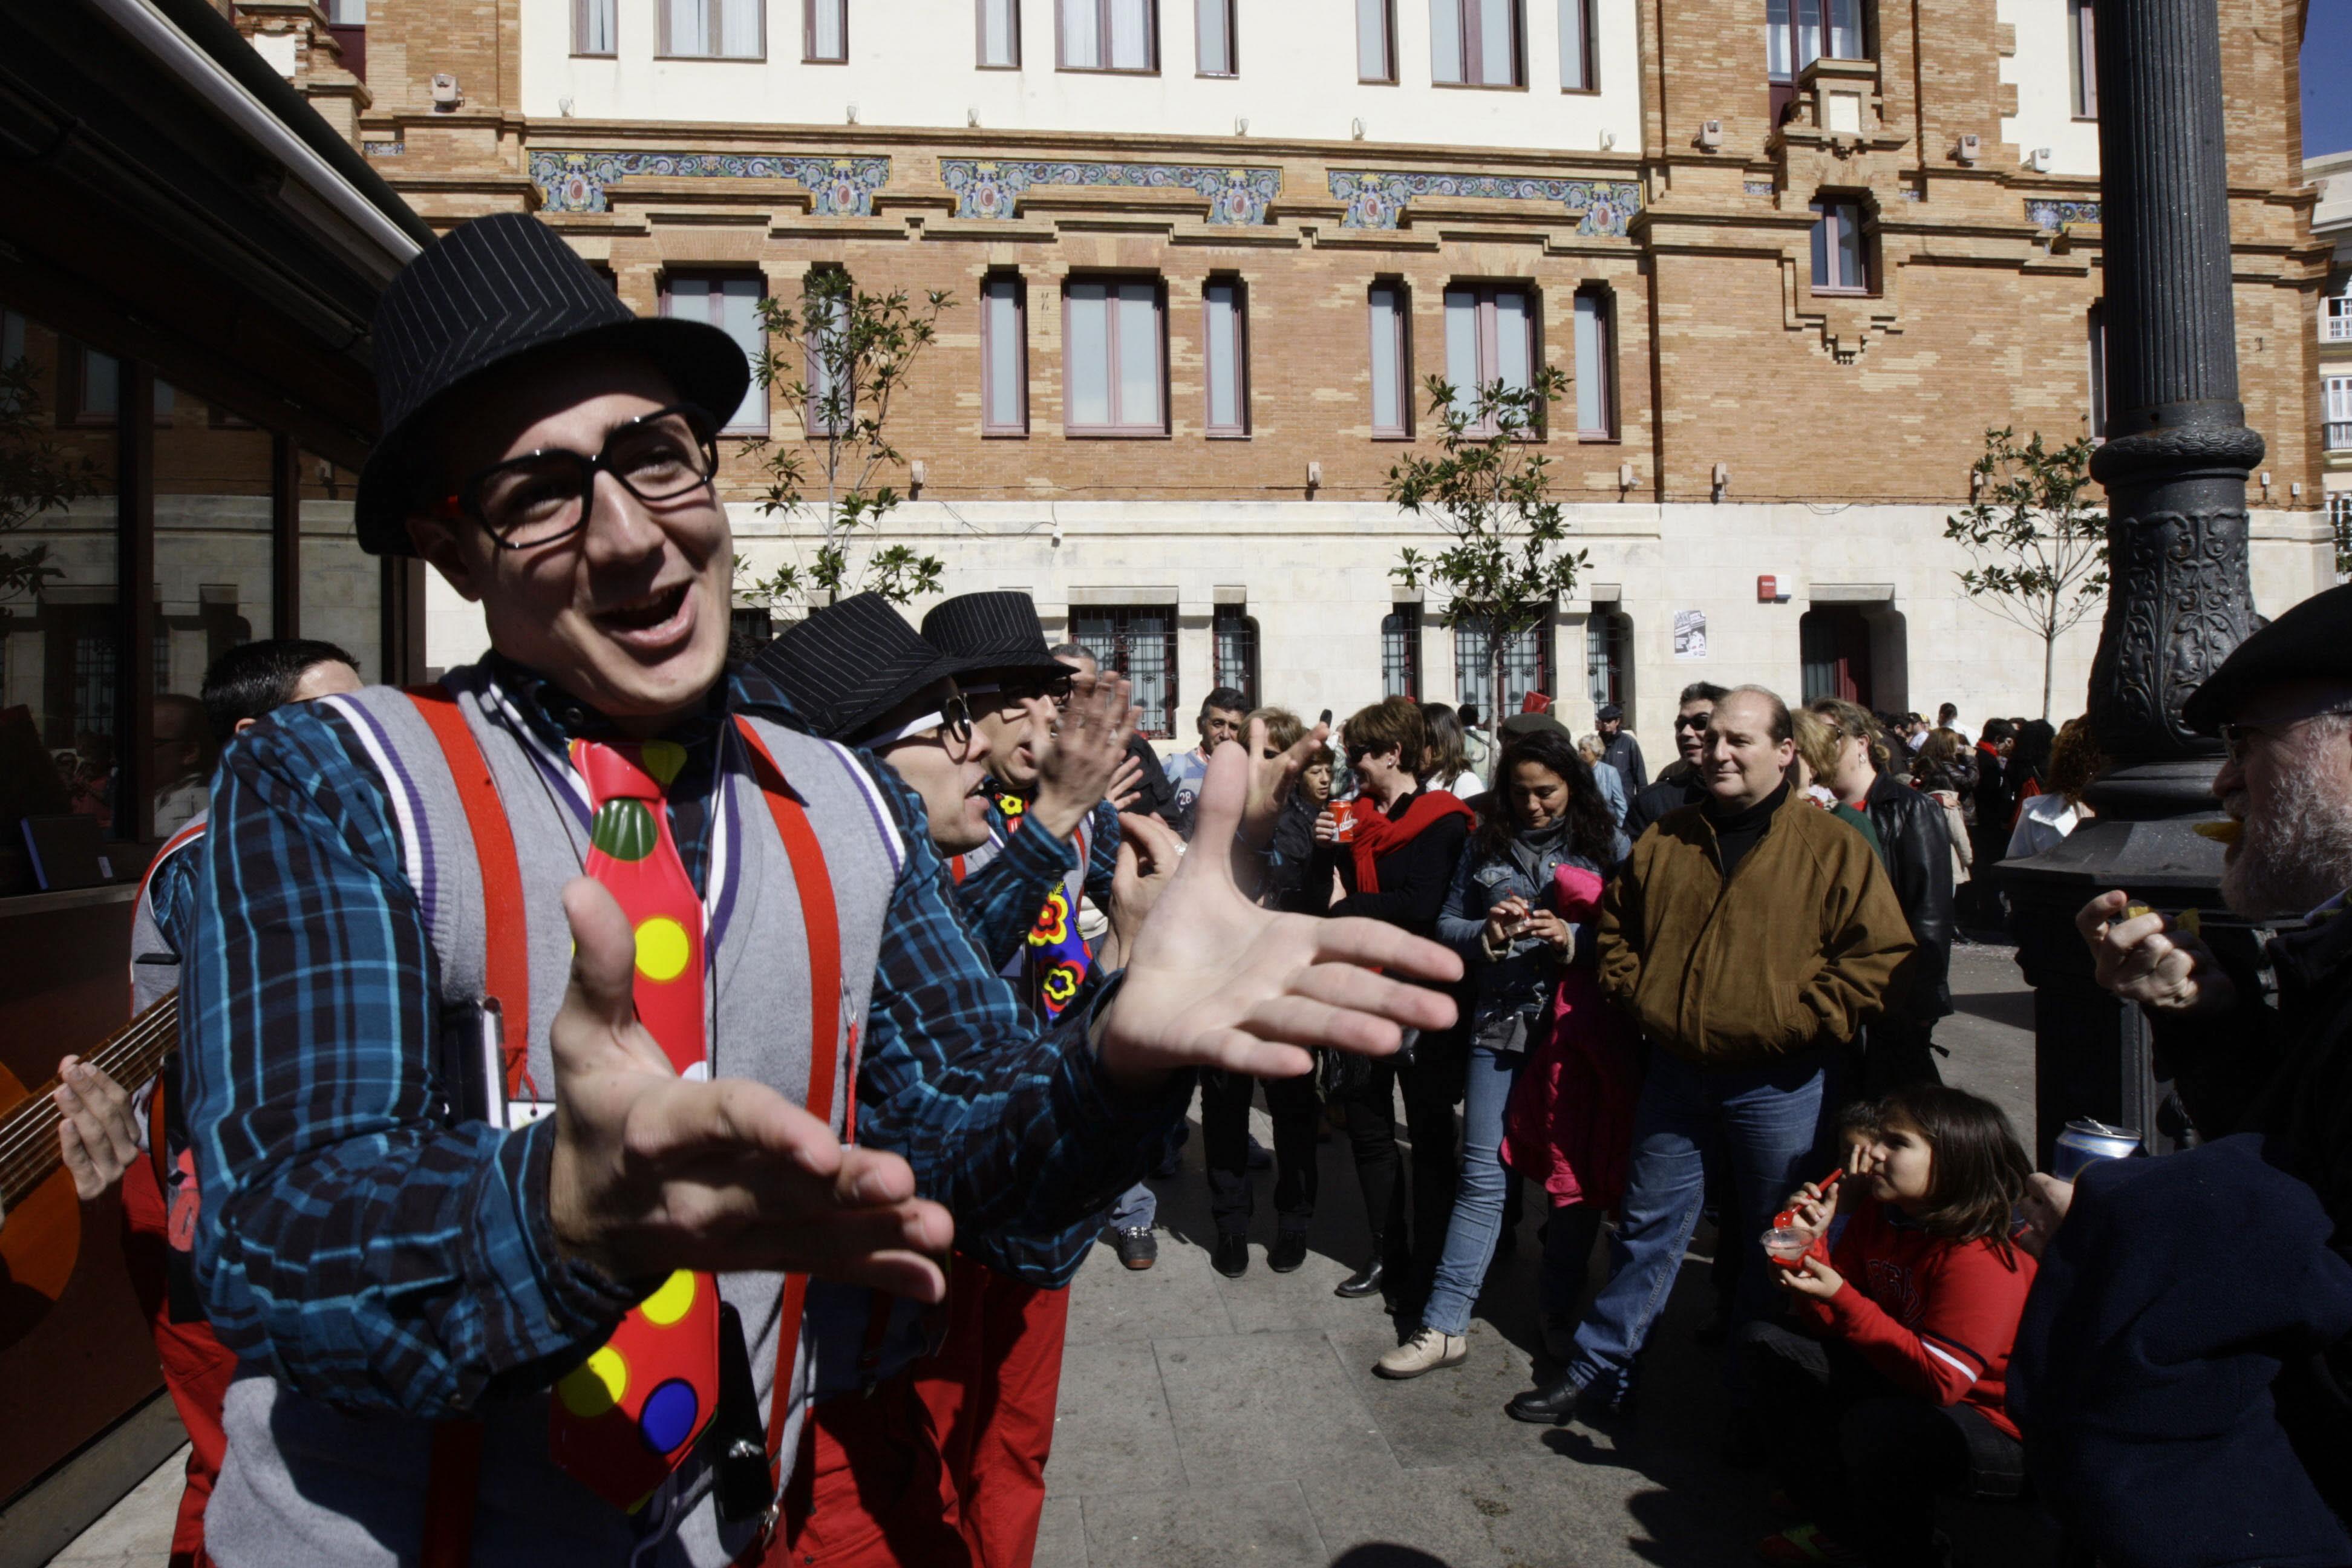 Agenda de actos para celebrar el domingo el 'Carnaval Chiquito'